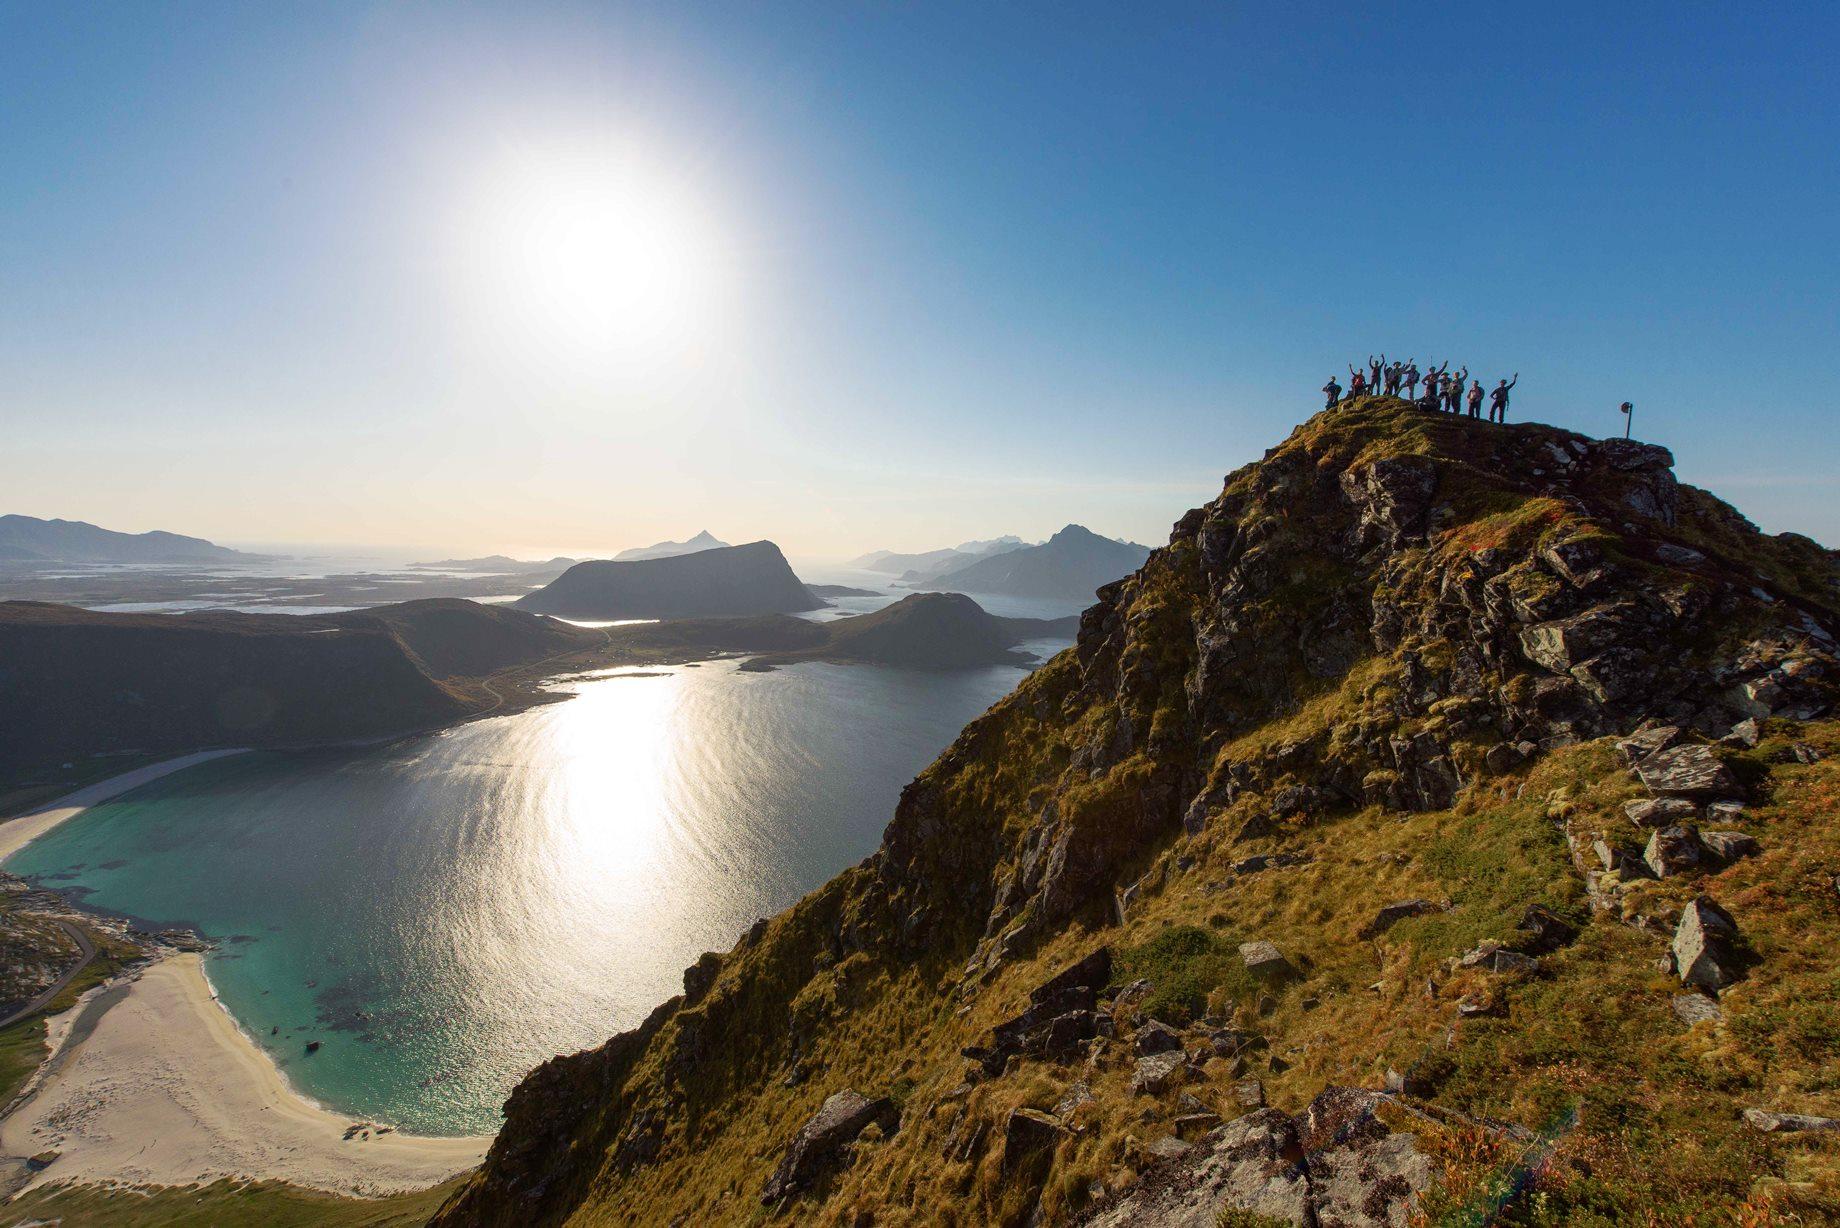 洋上のアルプス・ノルウェーロフォーテン諸島ハイキング 9日間